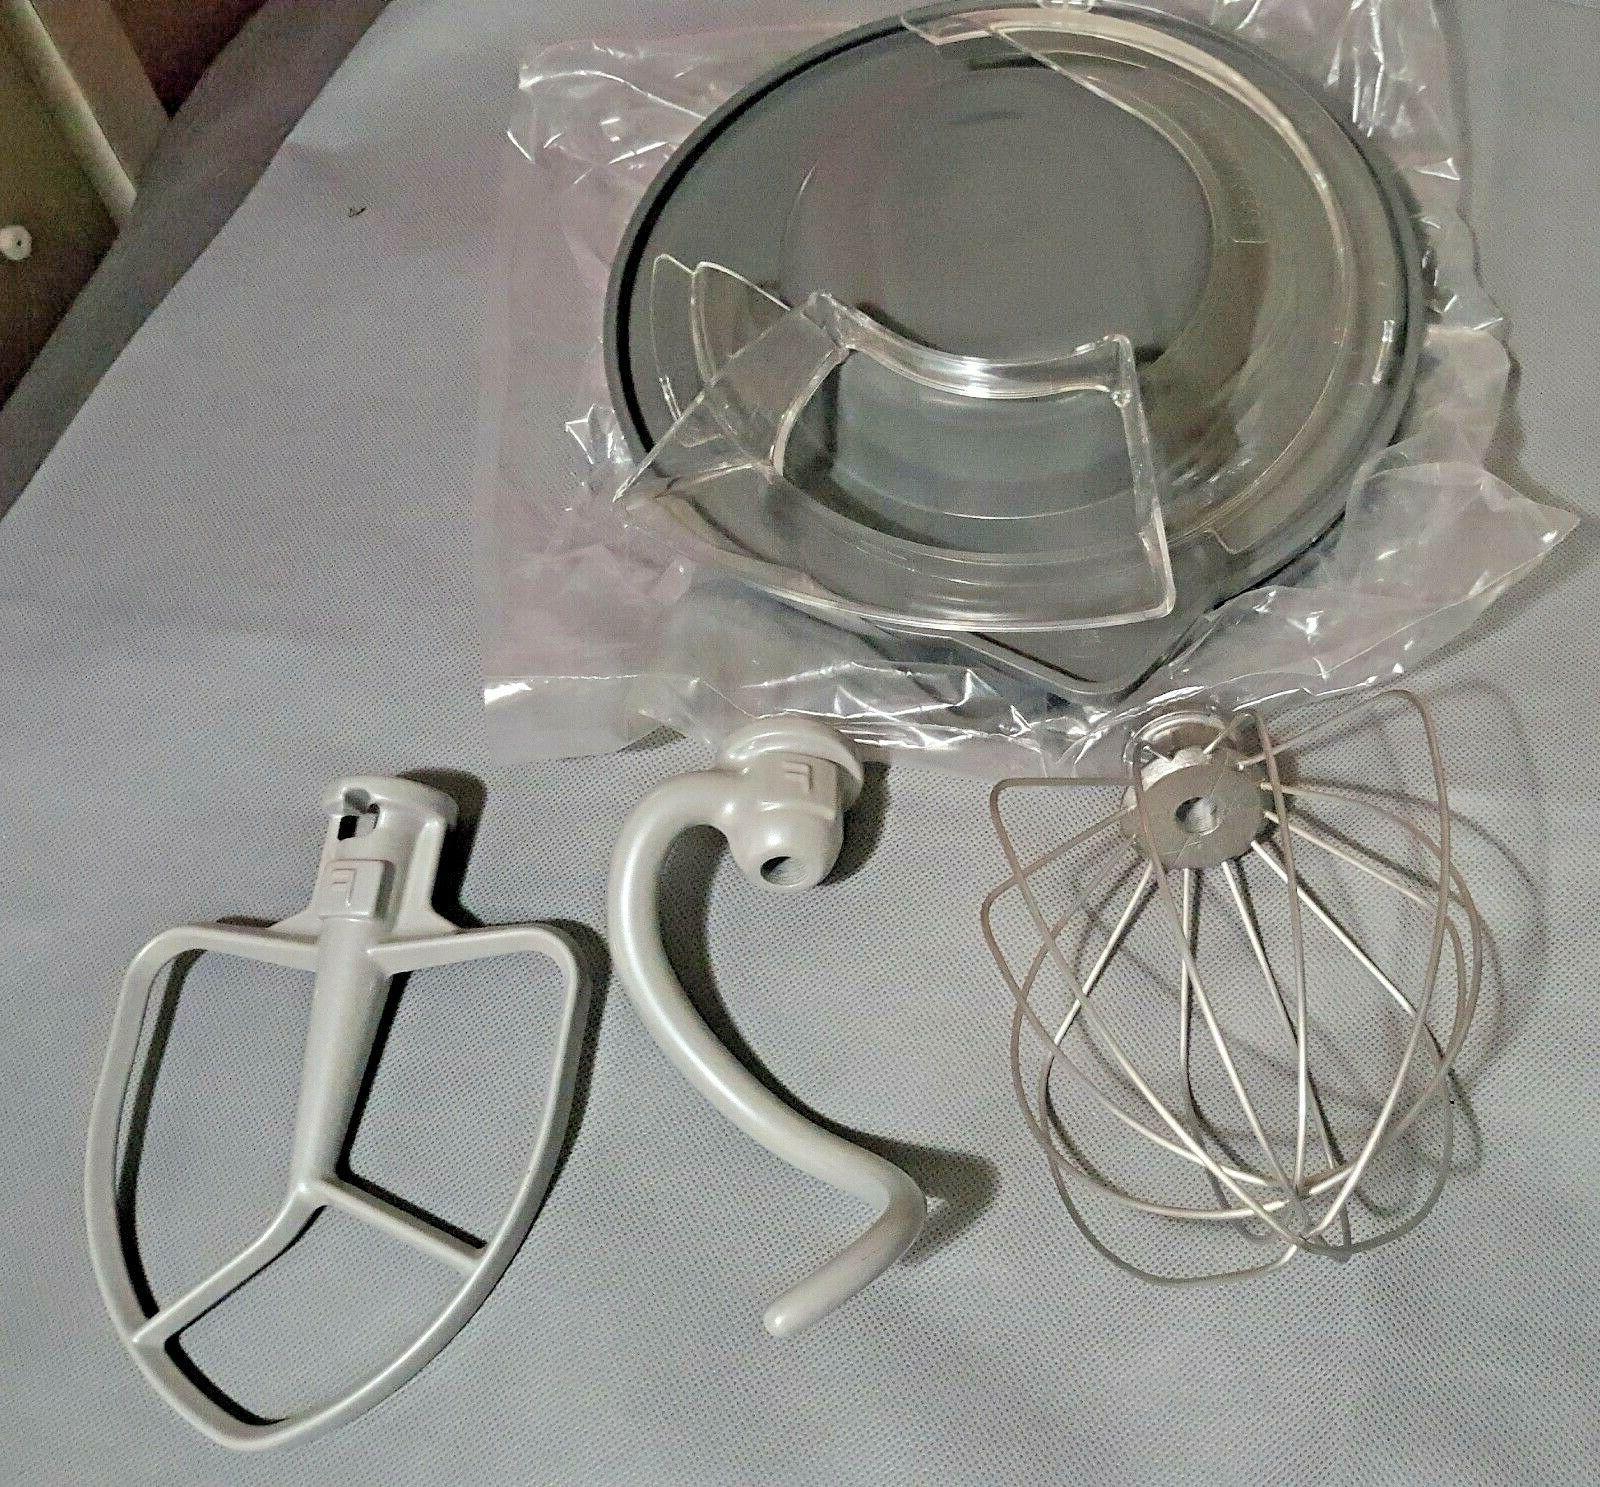 6 qt bowl lift stand mixer attachments